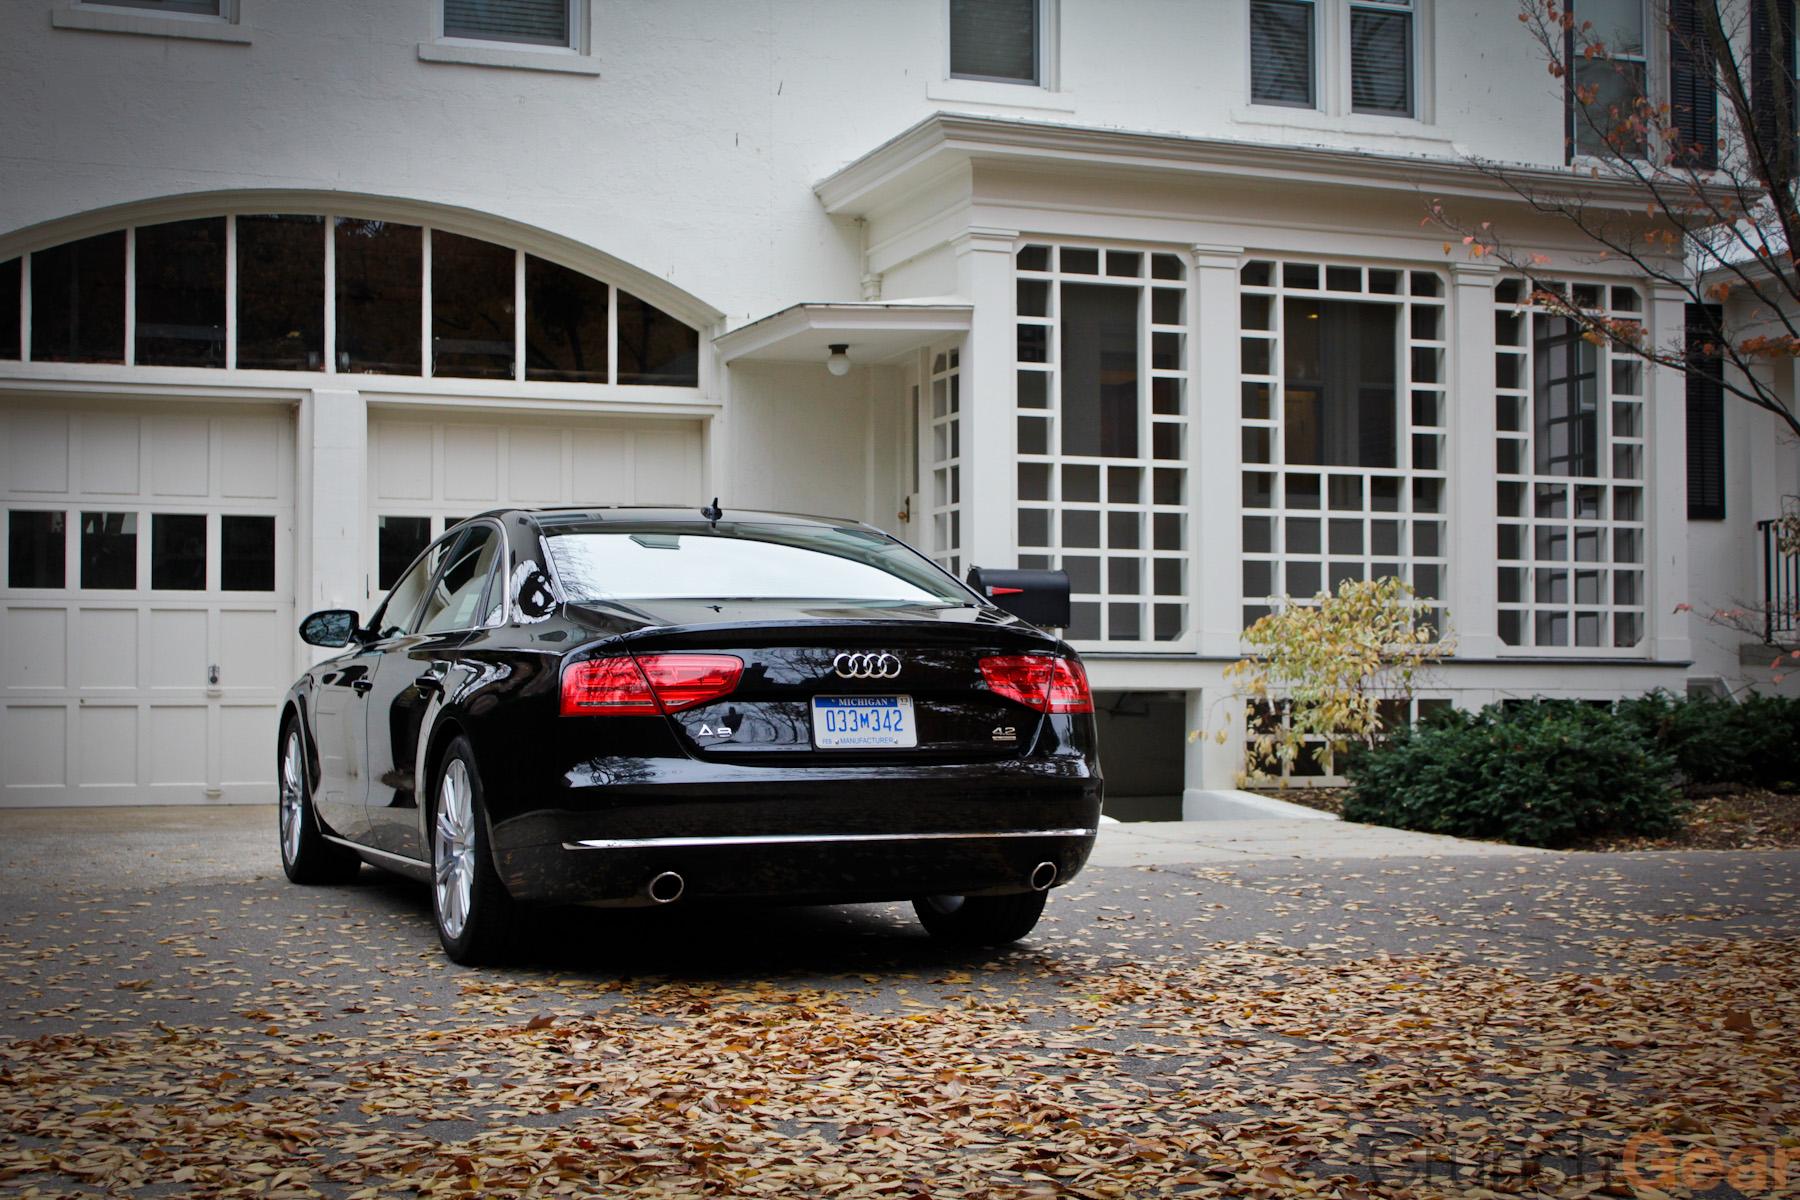 Kelebihan Kekurangan Audi A8 4.2 V8 Murah Berkualitas